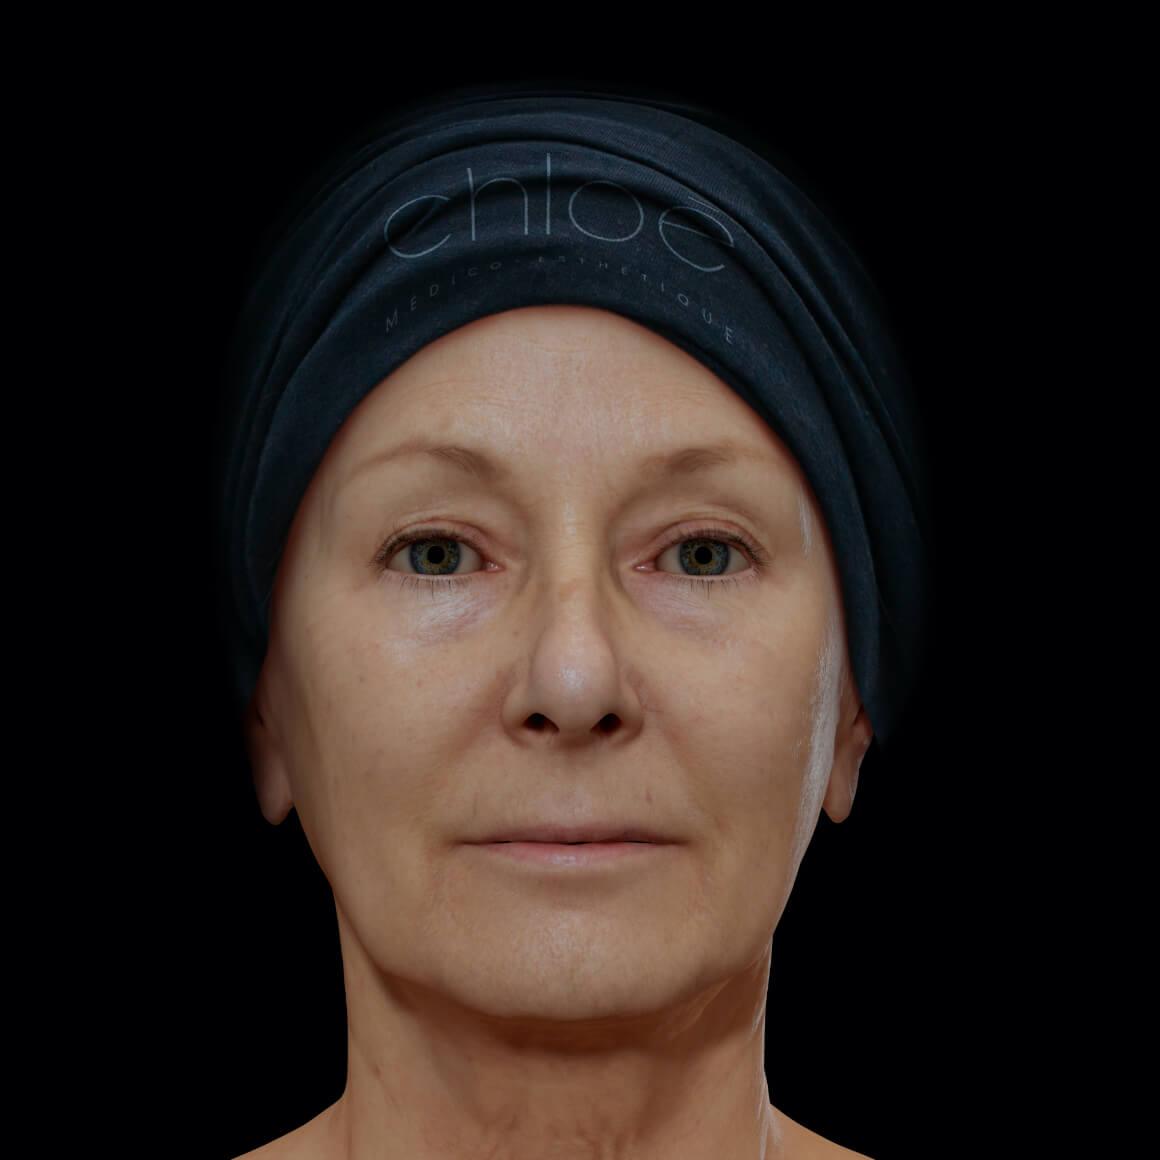 Patiente à la Clinique Chloé vue de face après des injections de neuromodulateurs pour atténuer, voire effacer les rides